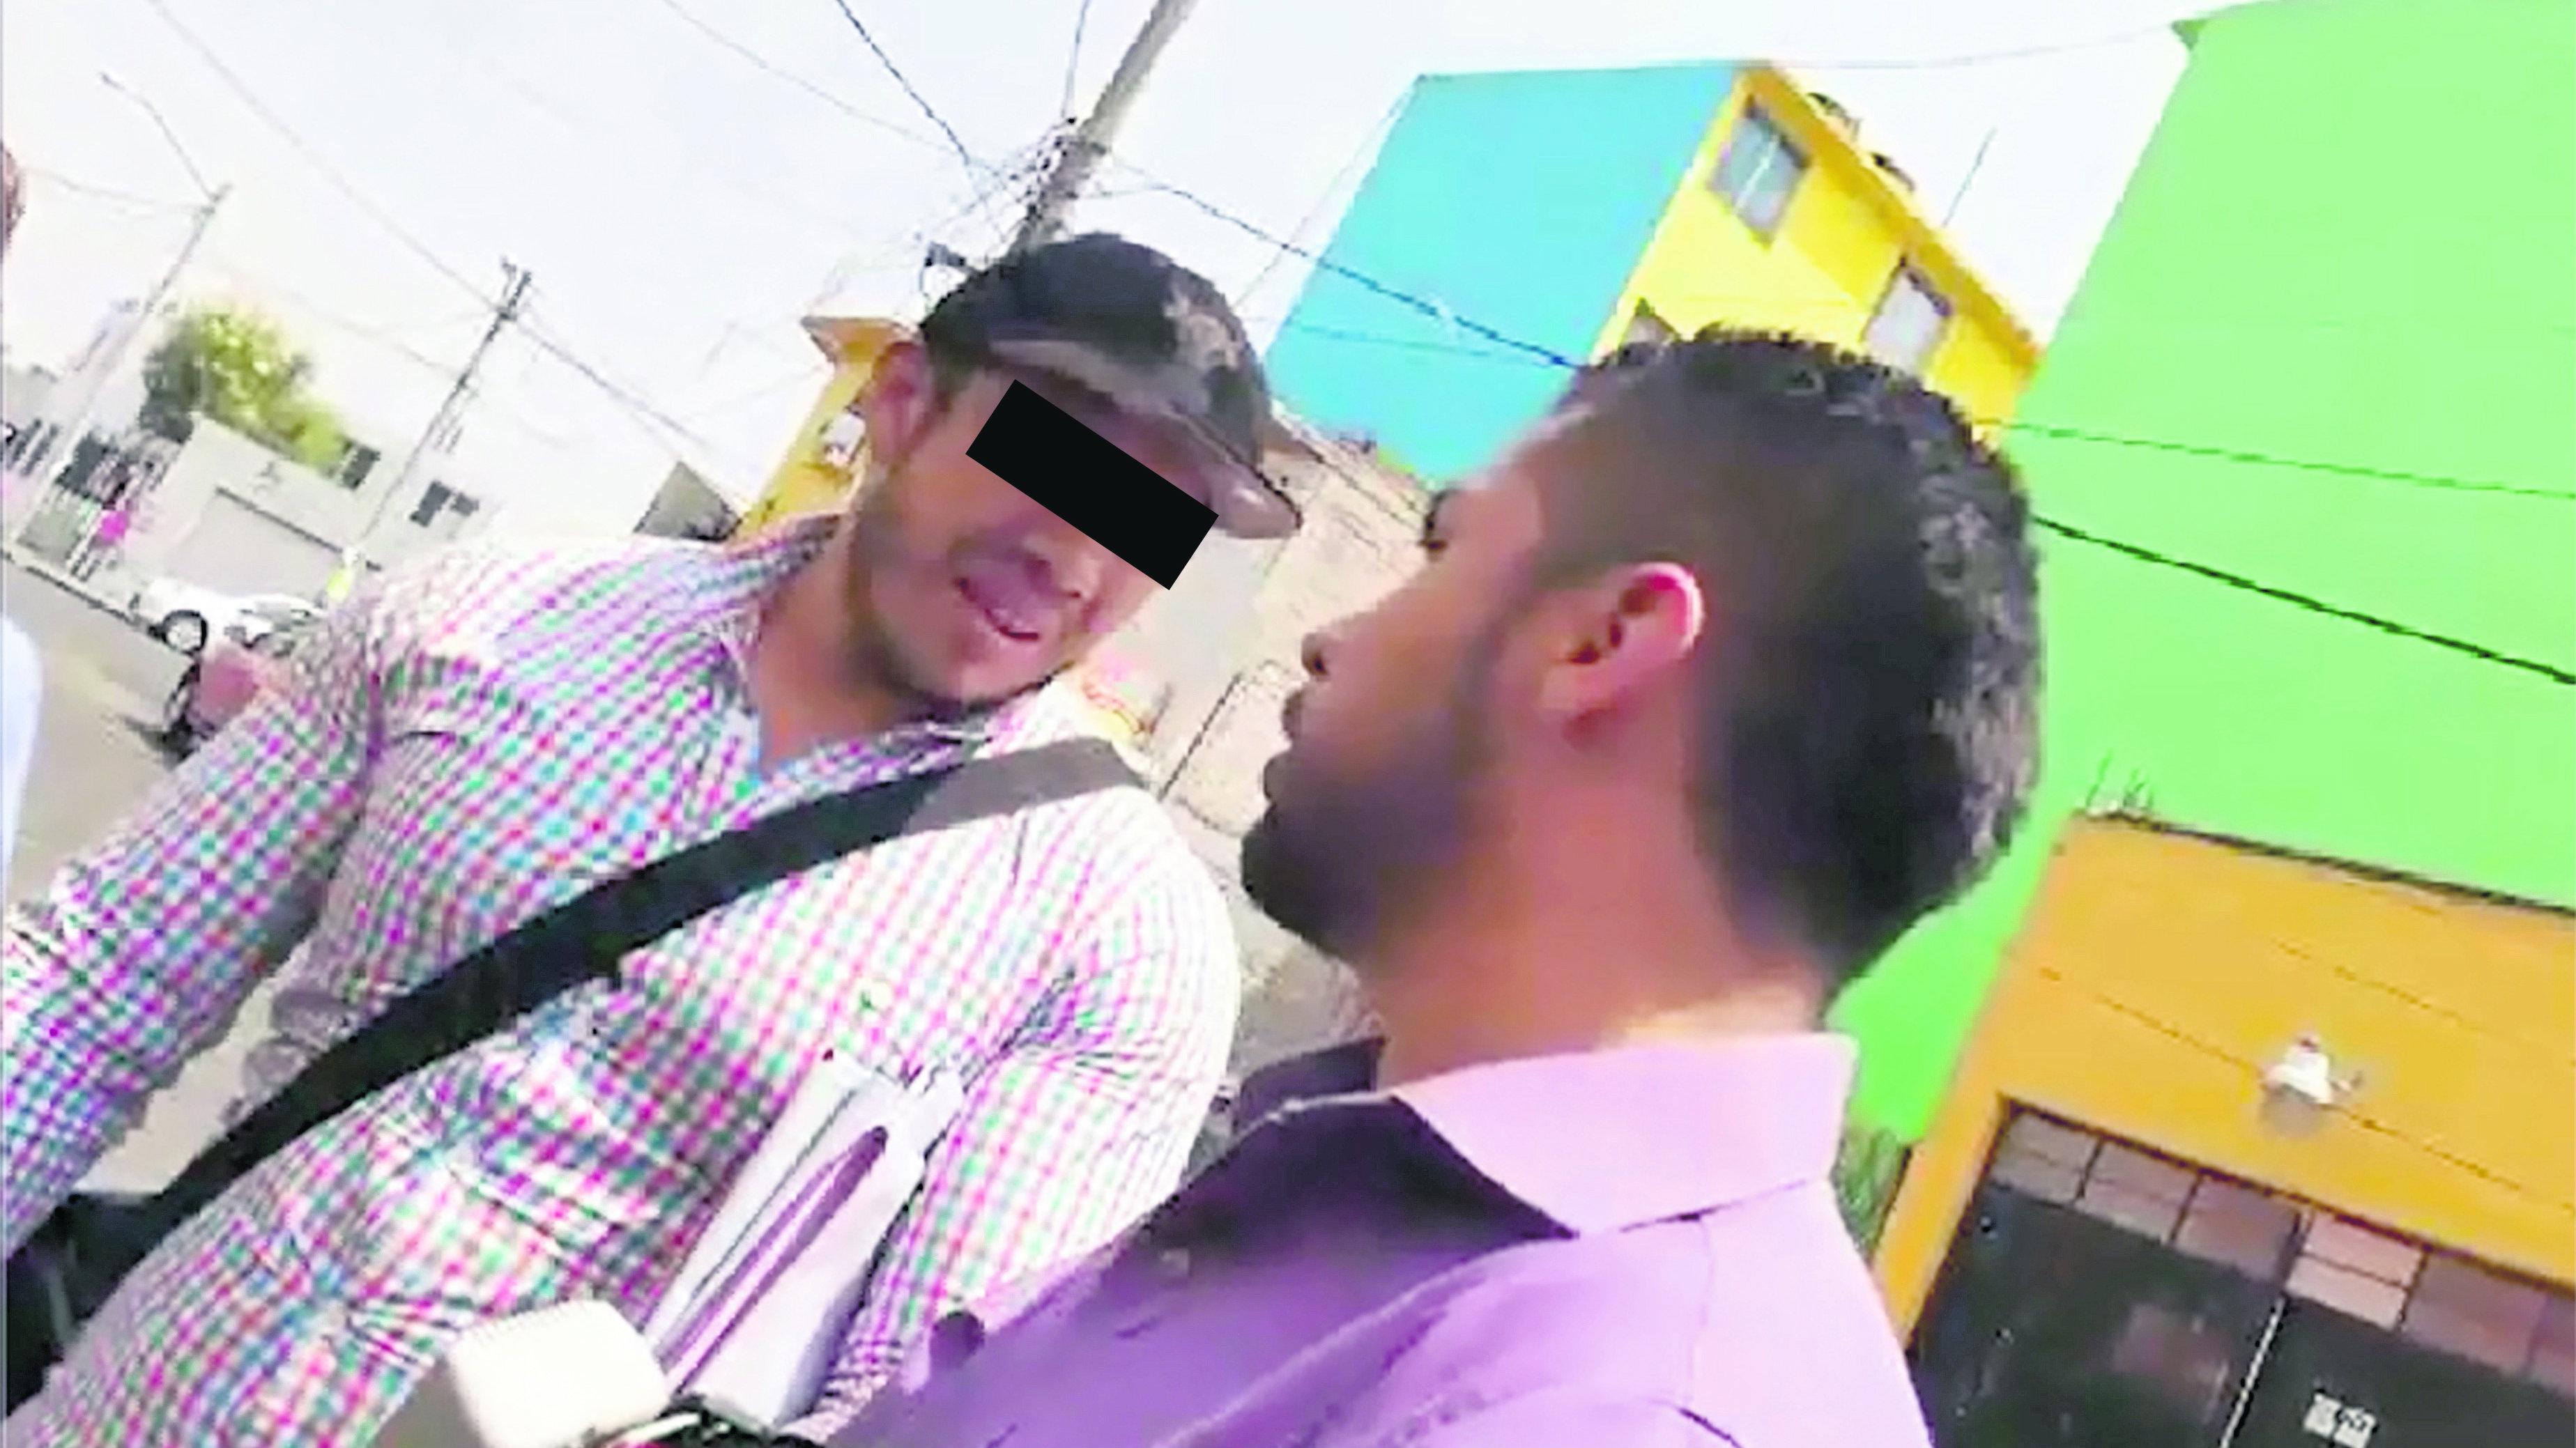 criminales sindicatos extorsionan ciudad de mexico